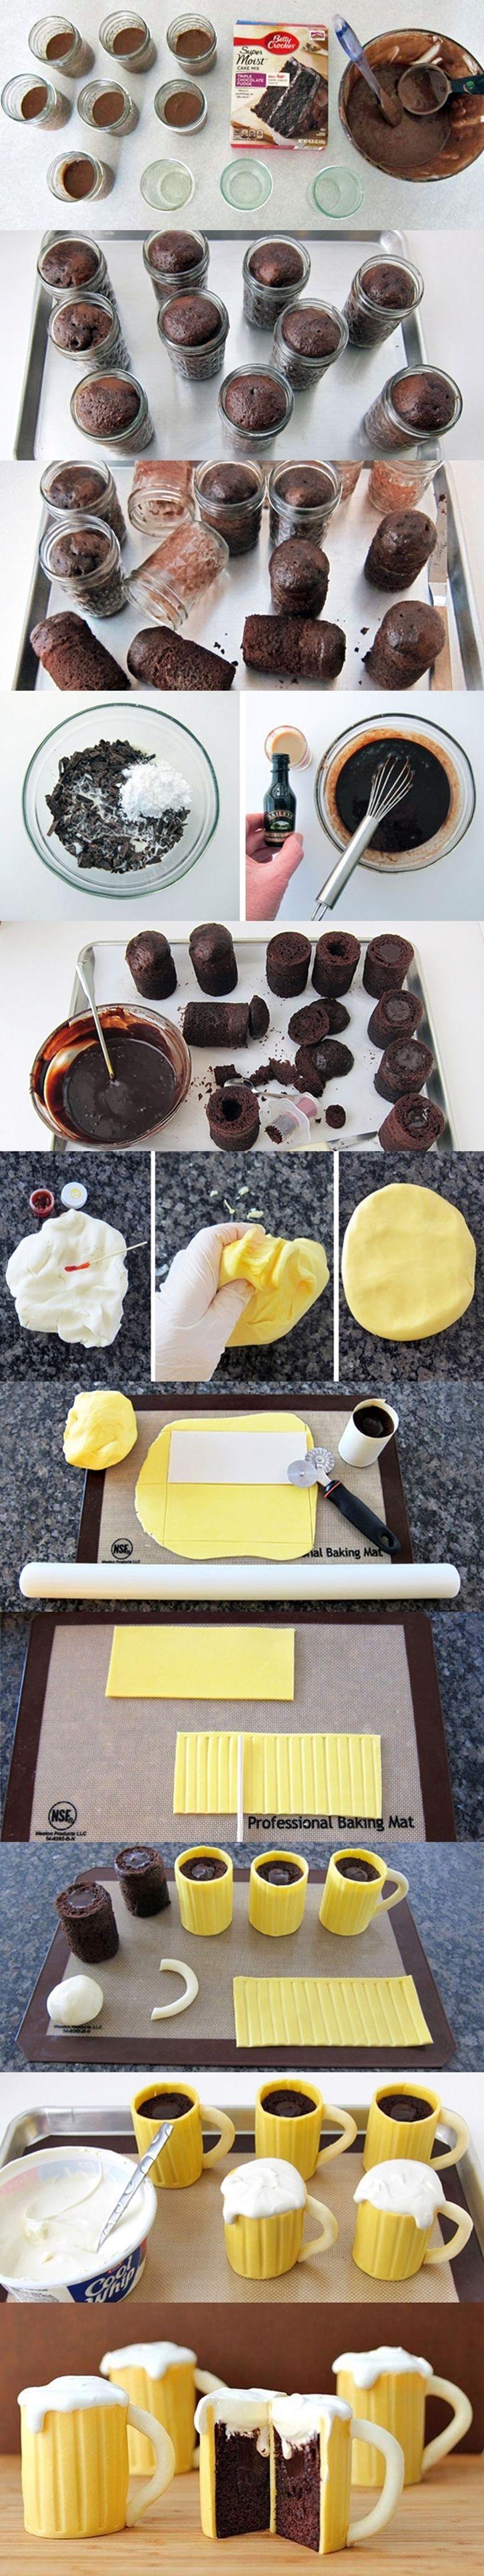 Wonderful DIY Beer Mug Cupcakes with Baileys Filling | WonderfulDIY.com